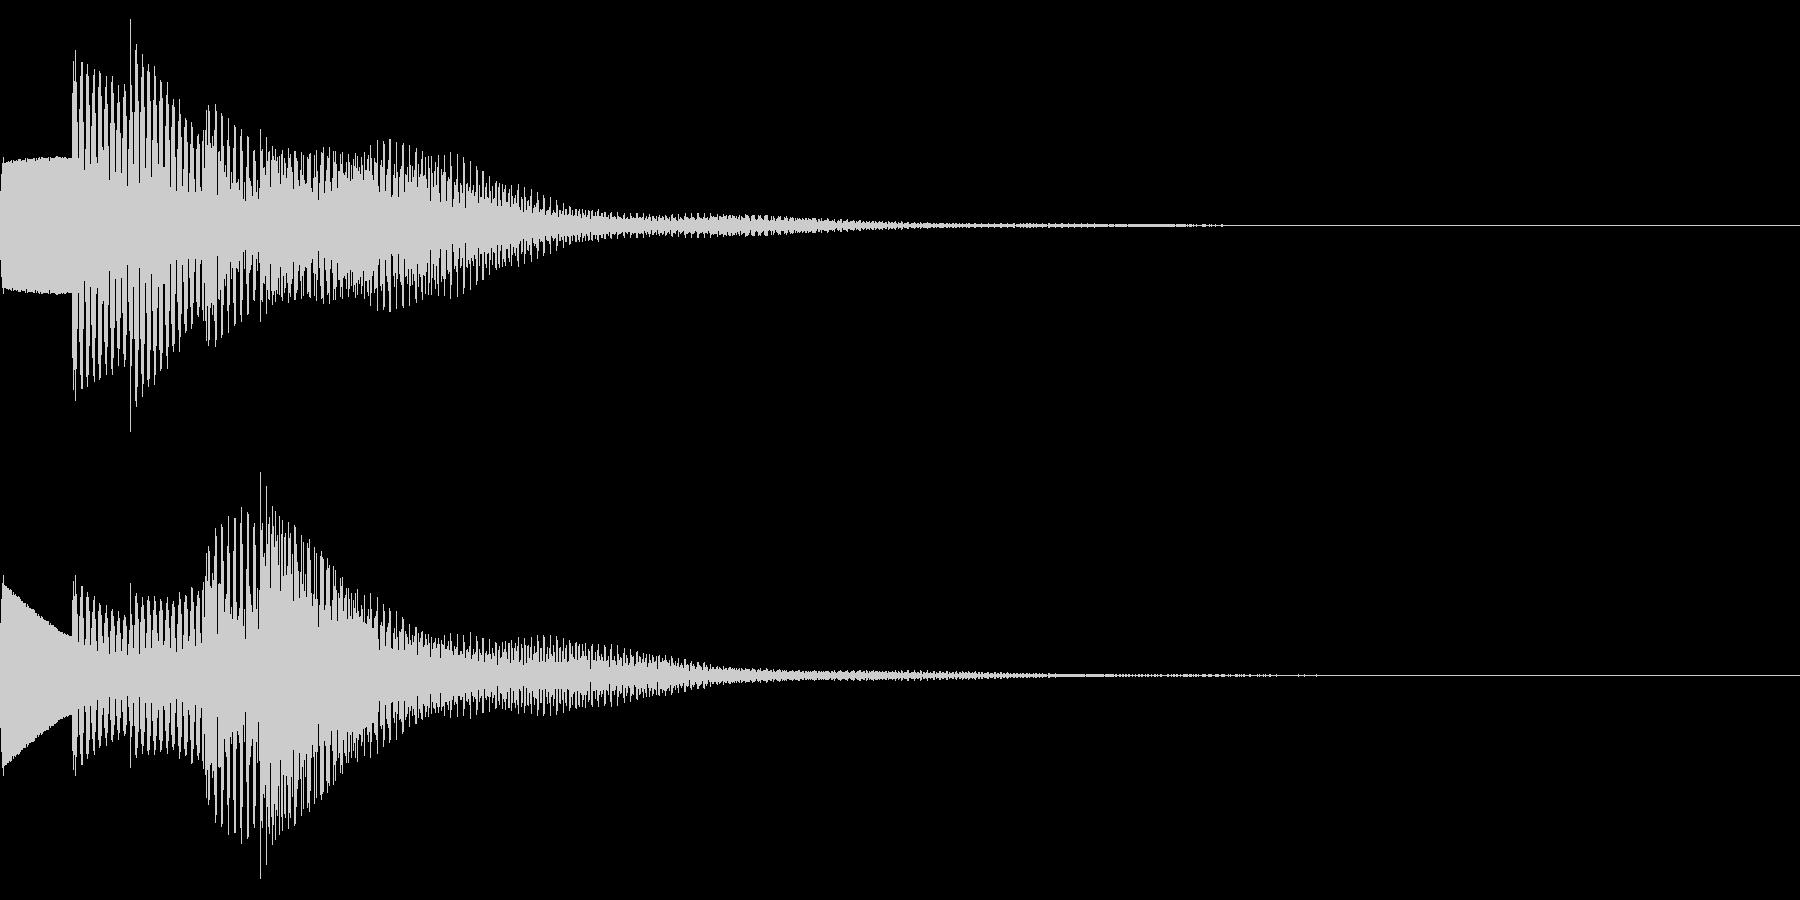 お知らせ音02(ベル系)02の未再生の波形